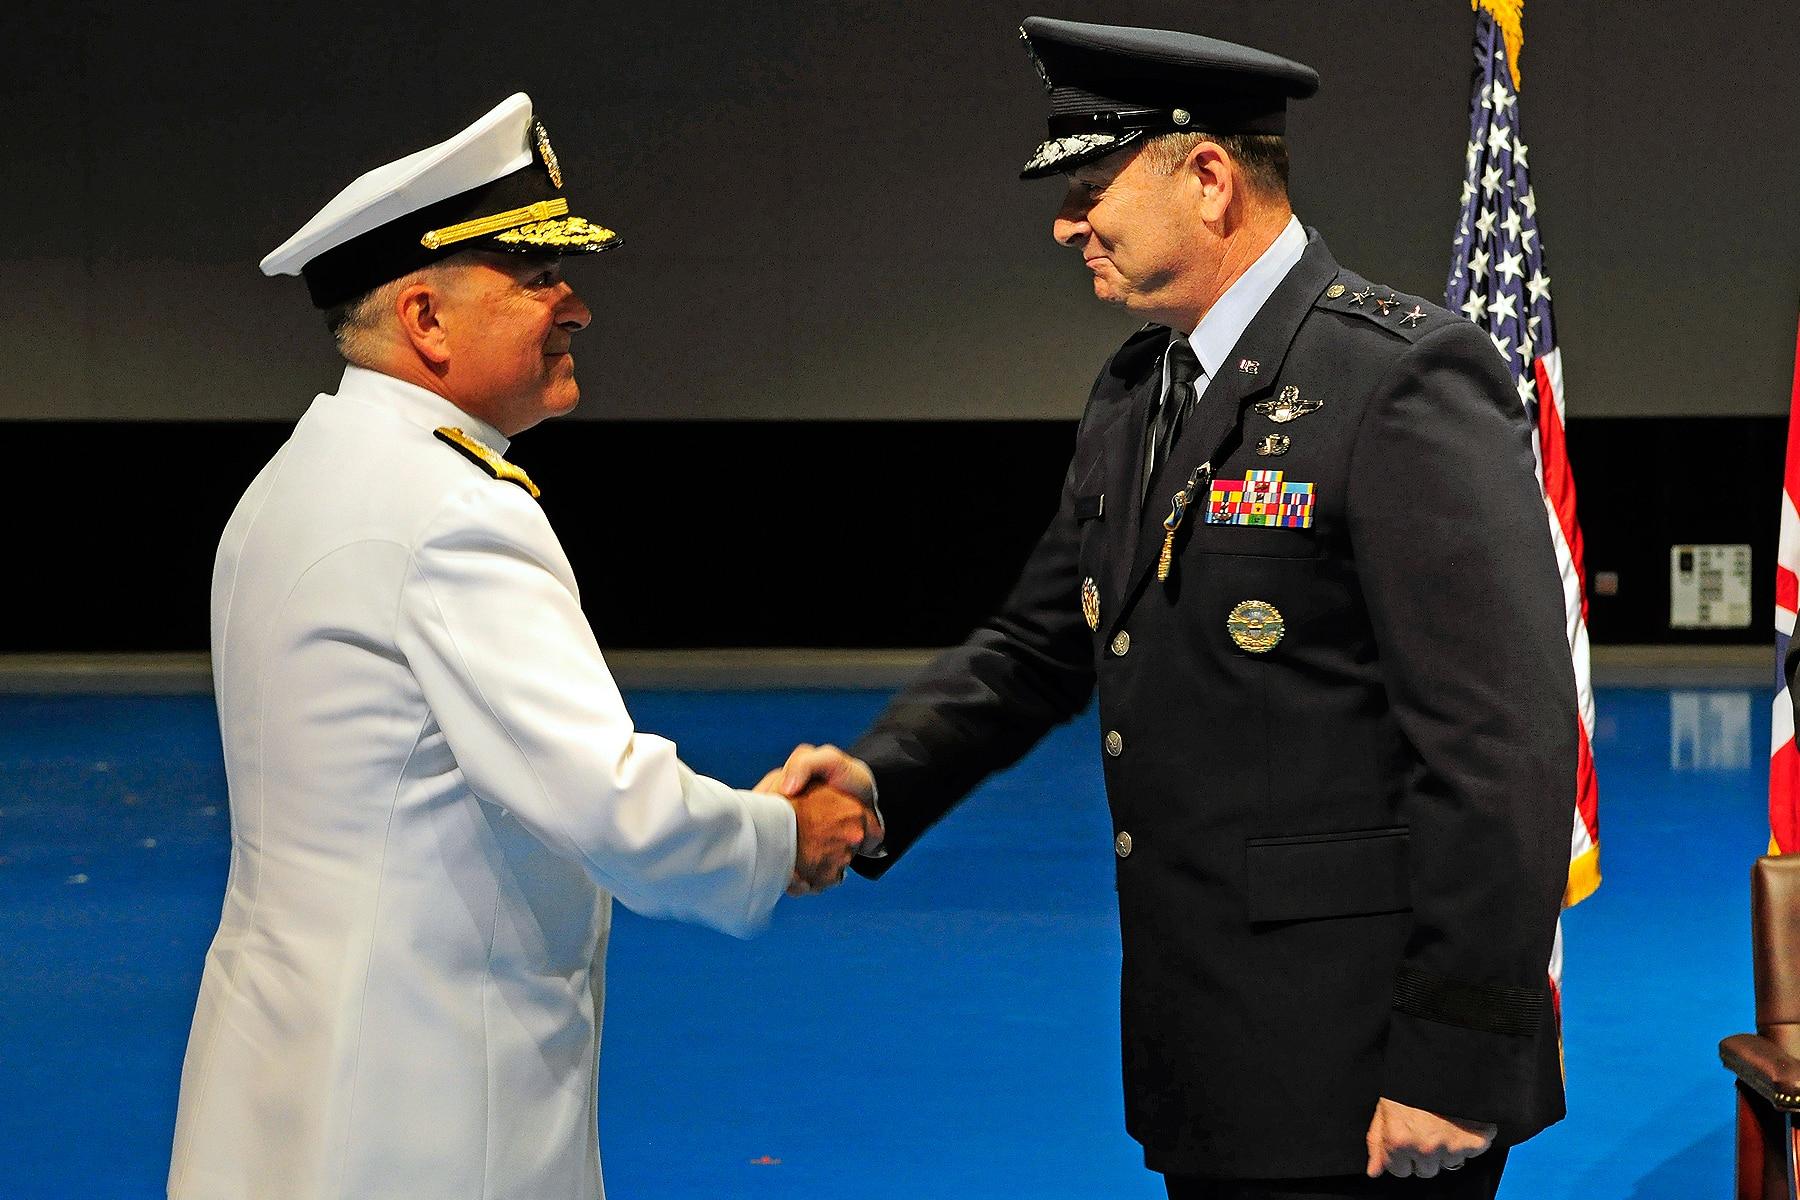 Naval officer takes over F-35 program as Bogdan retires